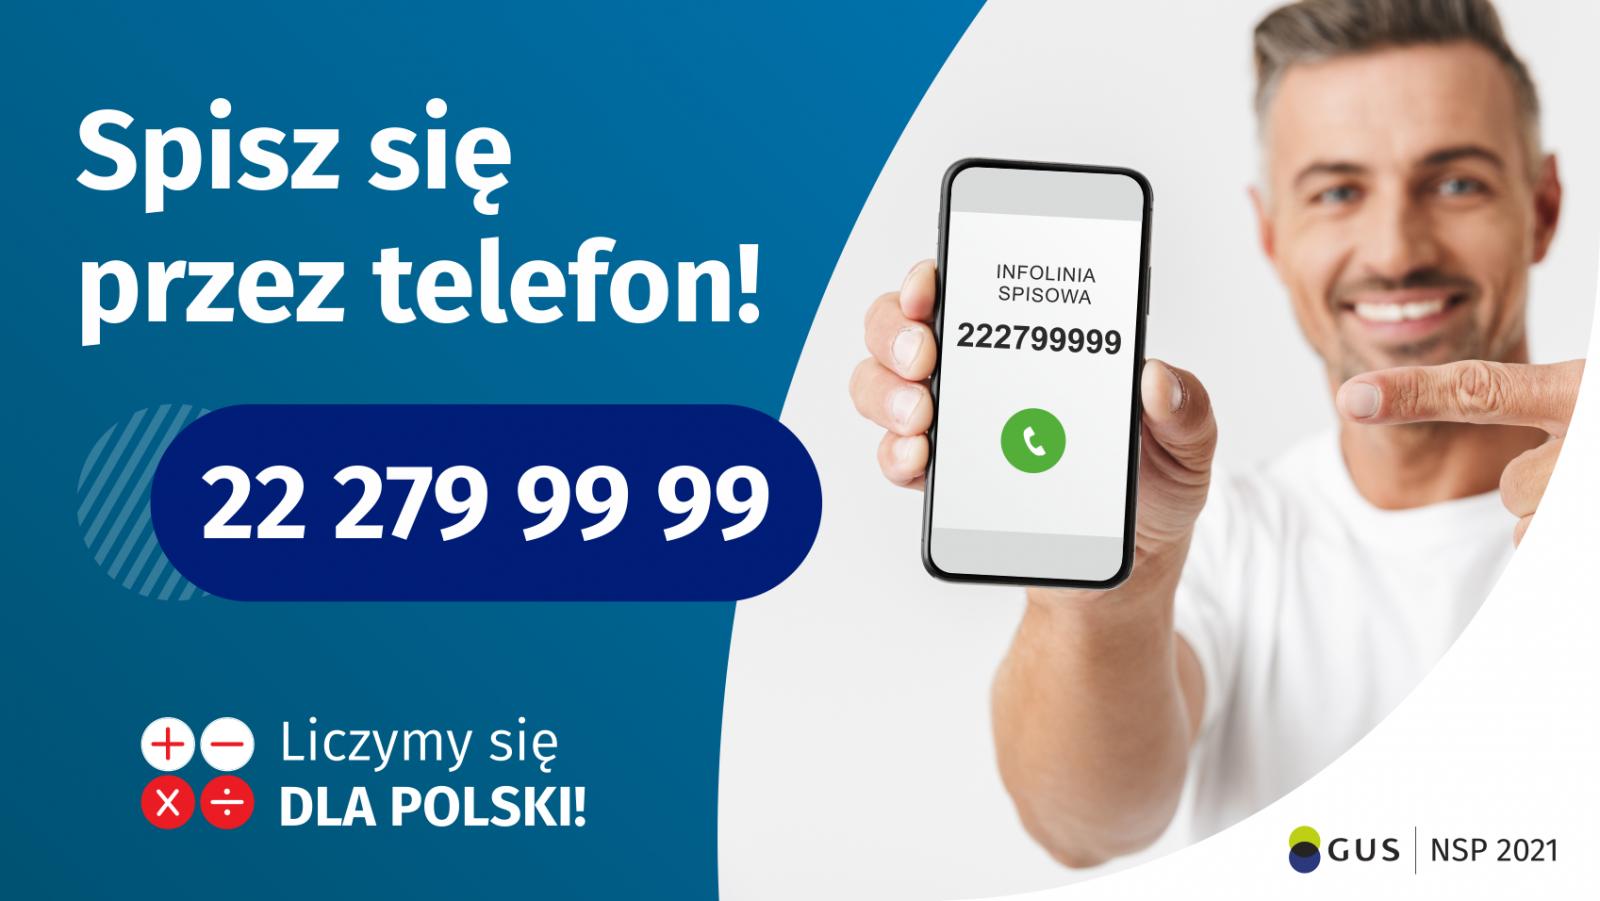 Spisz się przez telefon - Narodowy Spis Powszechny